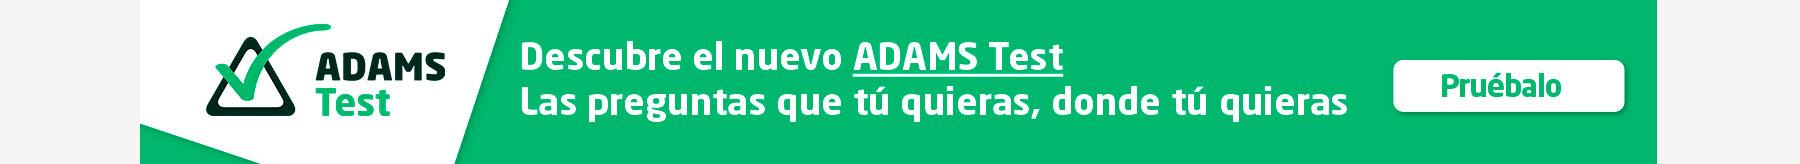 Descubre el nuevo Adams Test, las pregunta que quieras, donde quieras